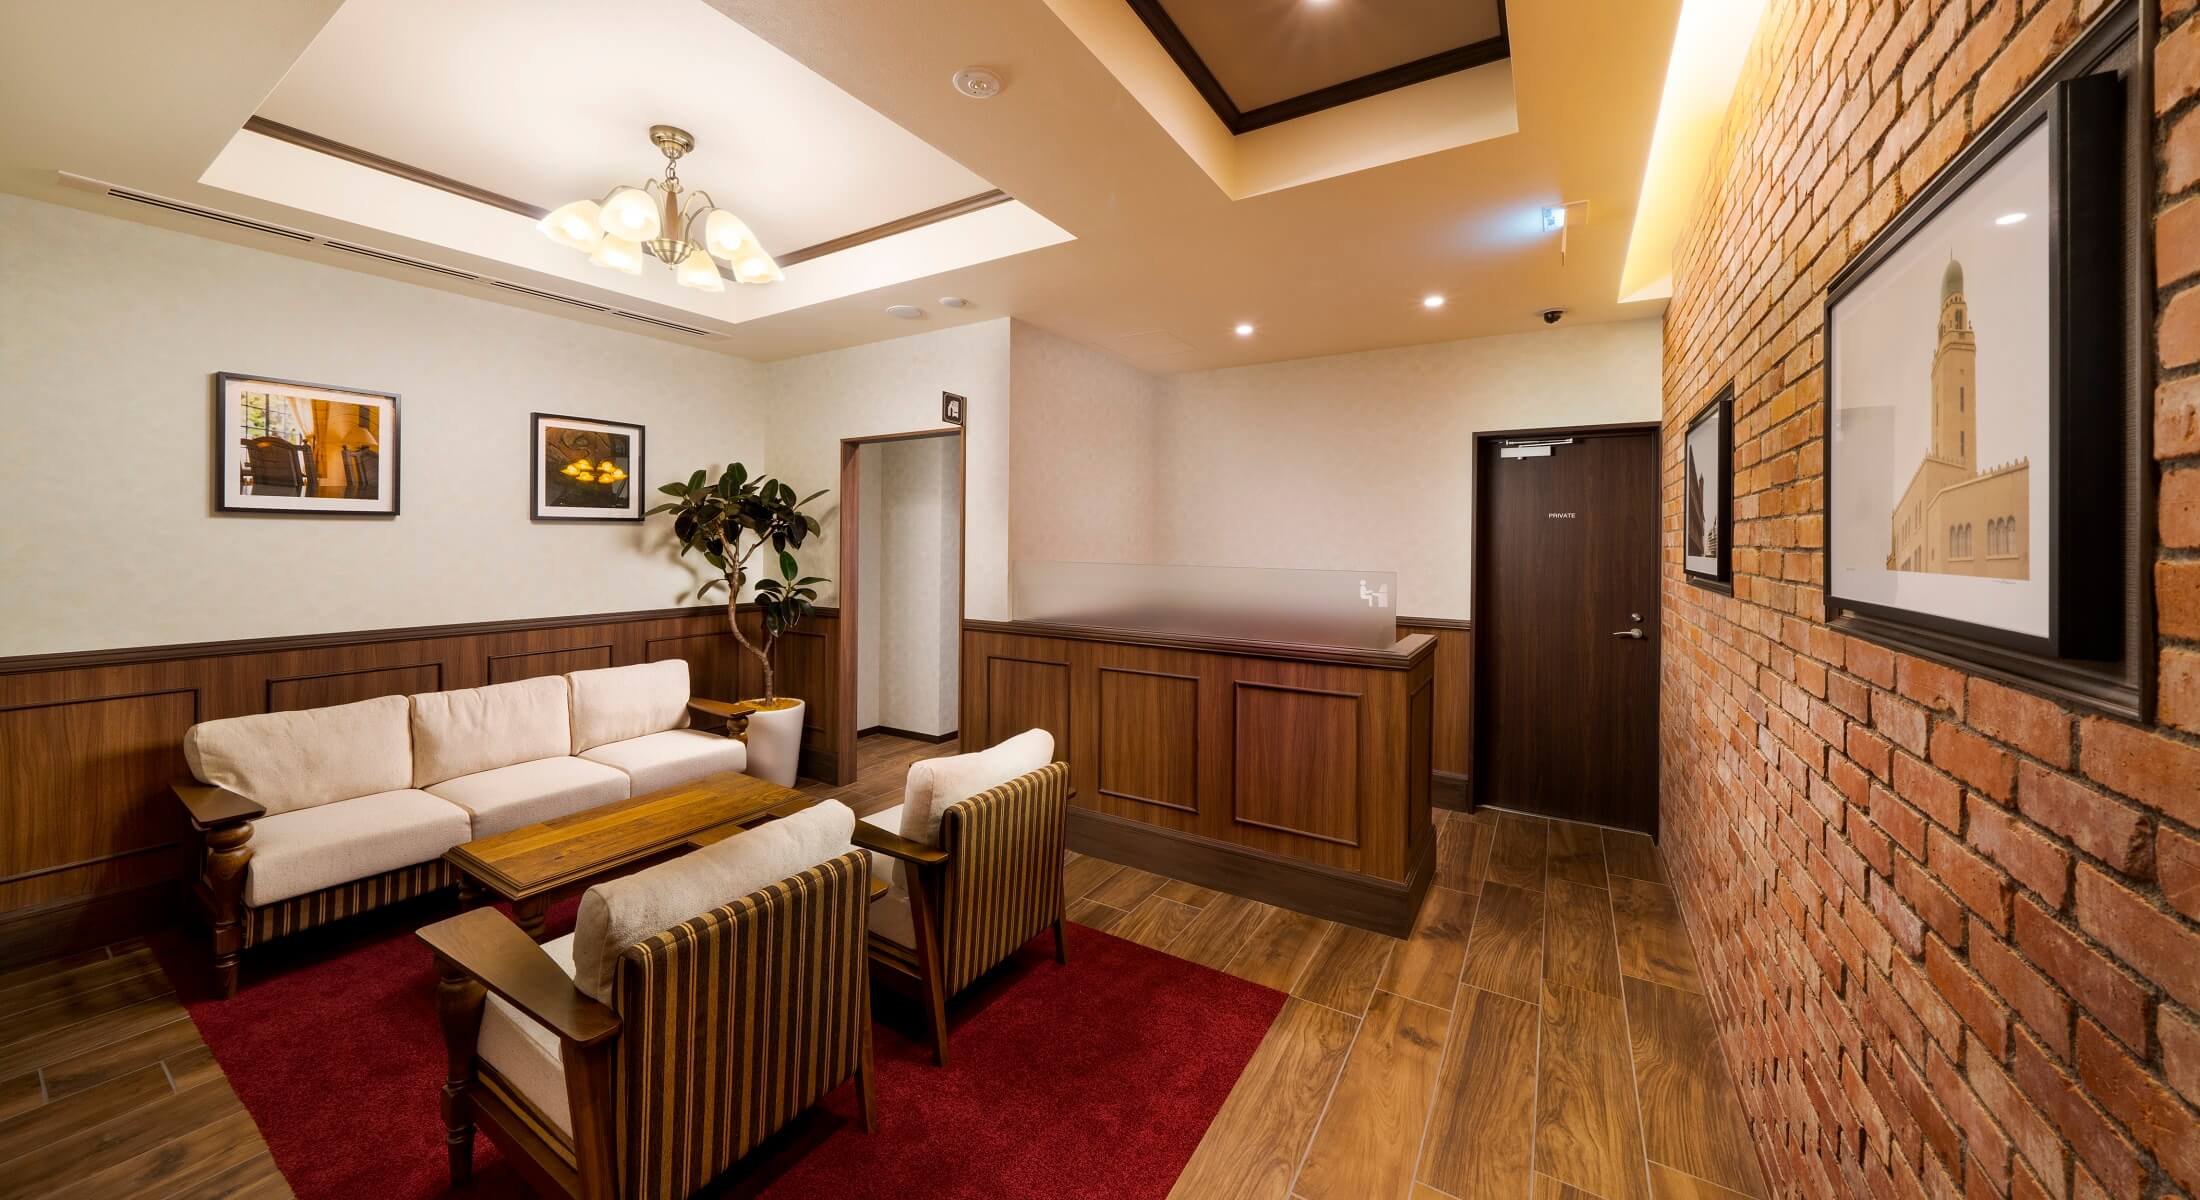 ホテル フィーノ ウェスタン 新横浜 ベスト